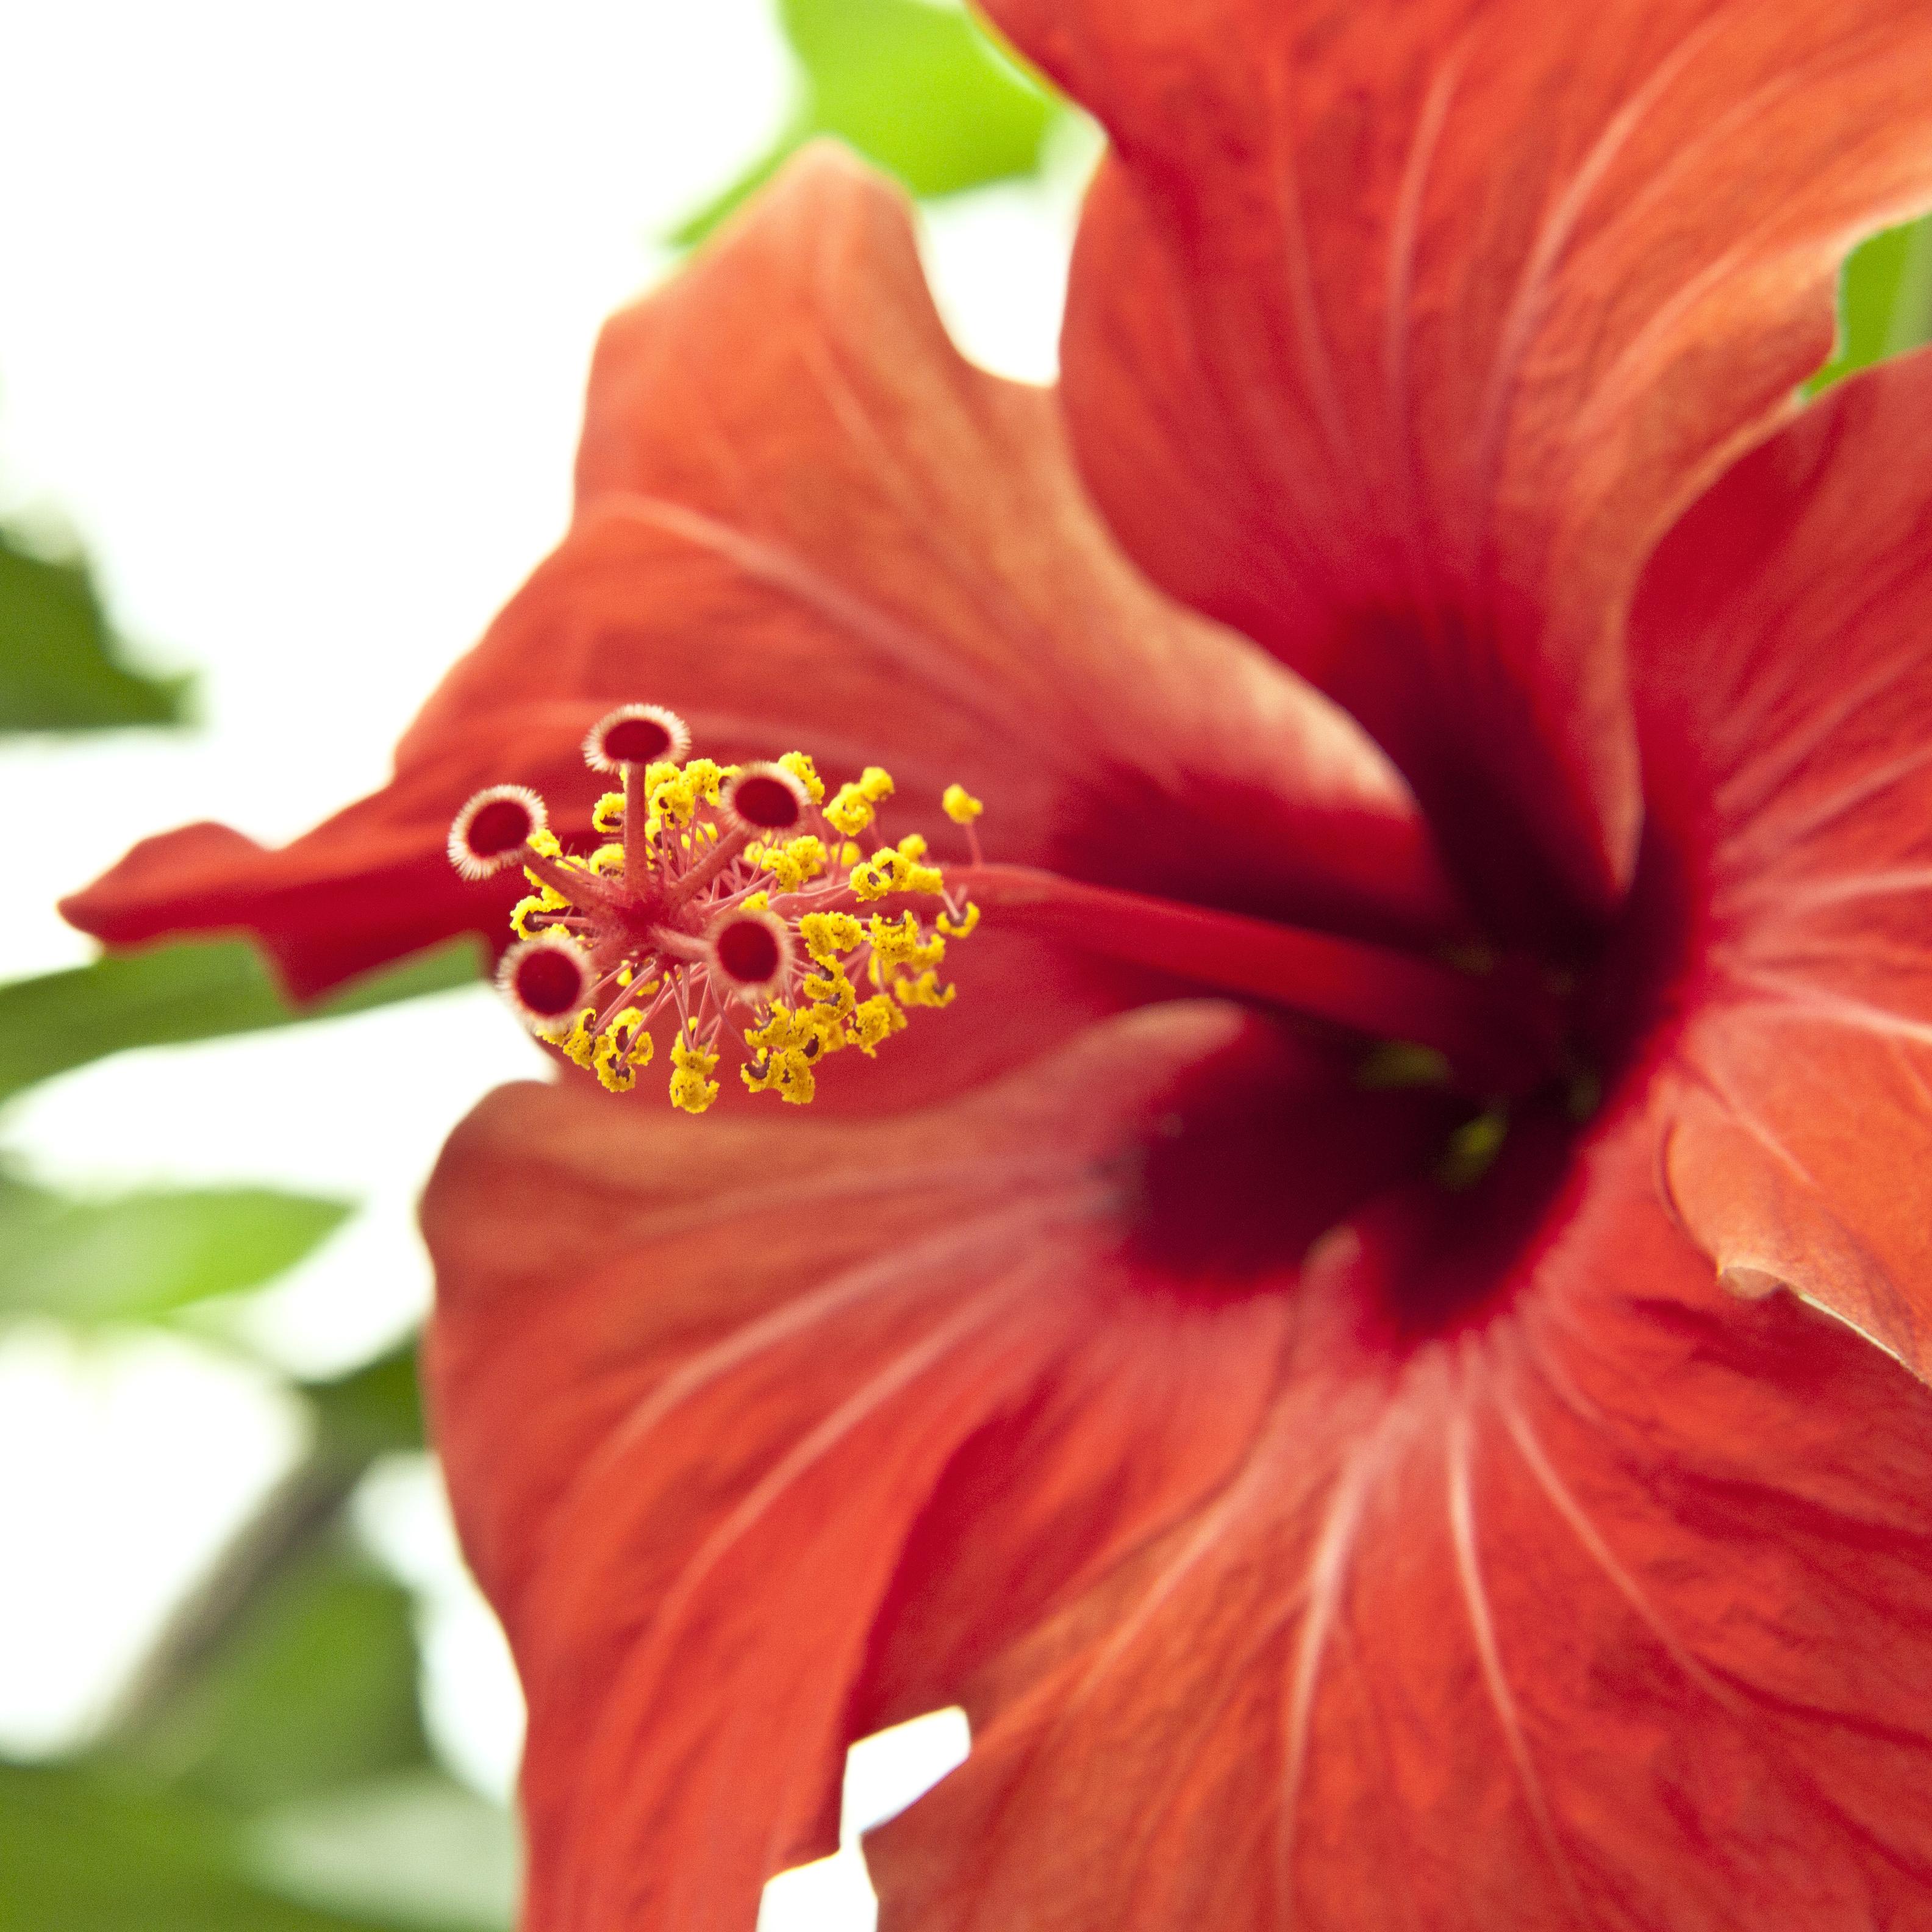 Red Hibiscus, Close, Flower, Hibiscus, Macro, HQ Photo